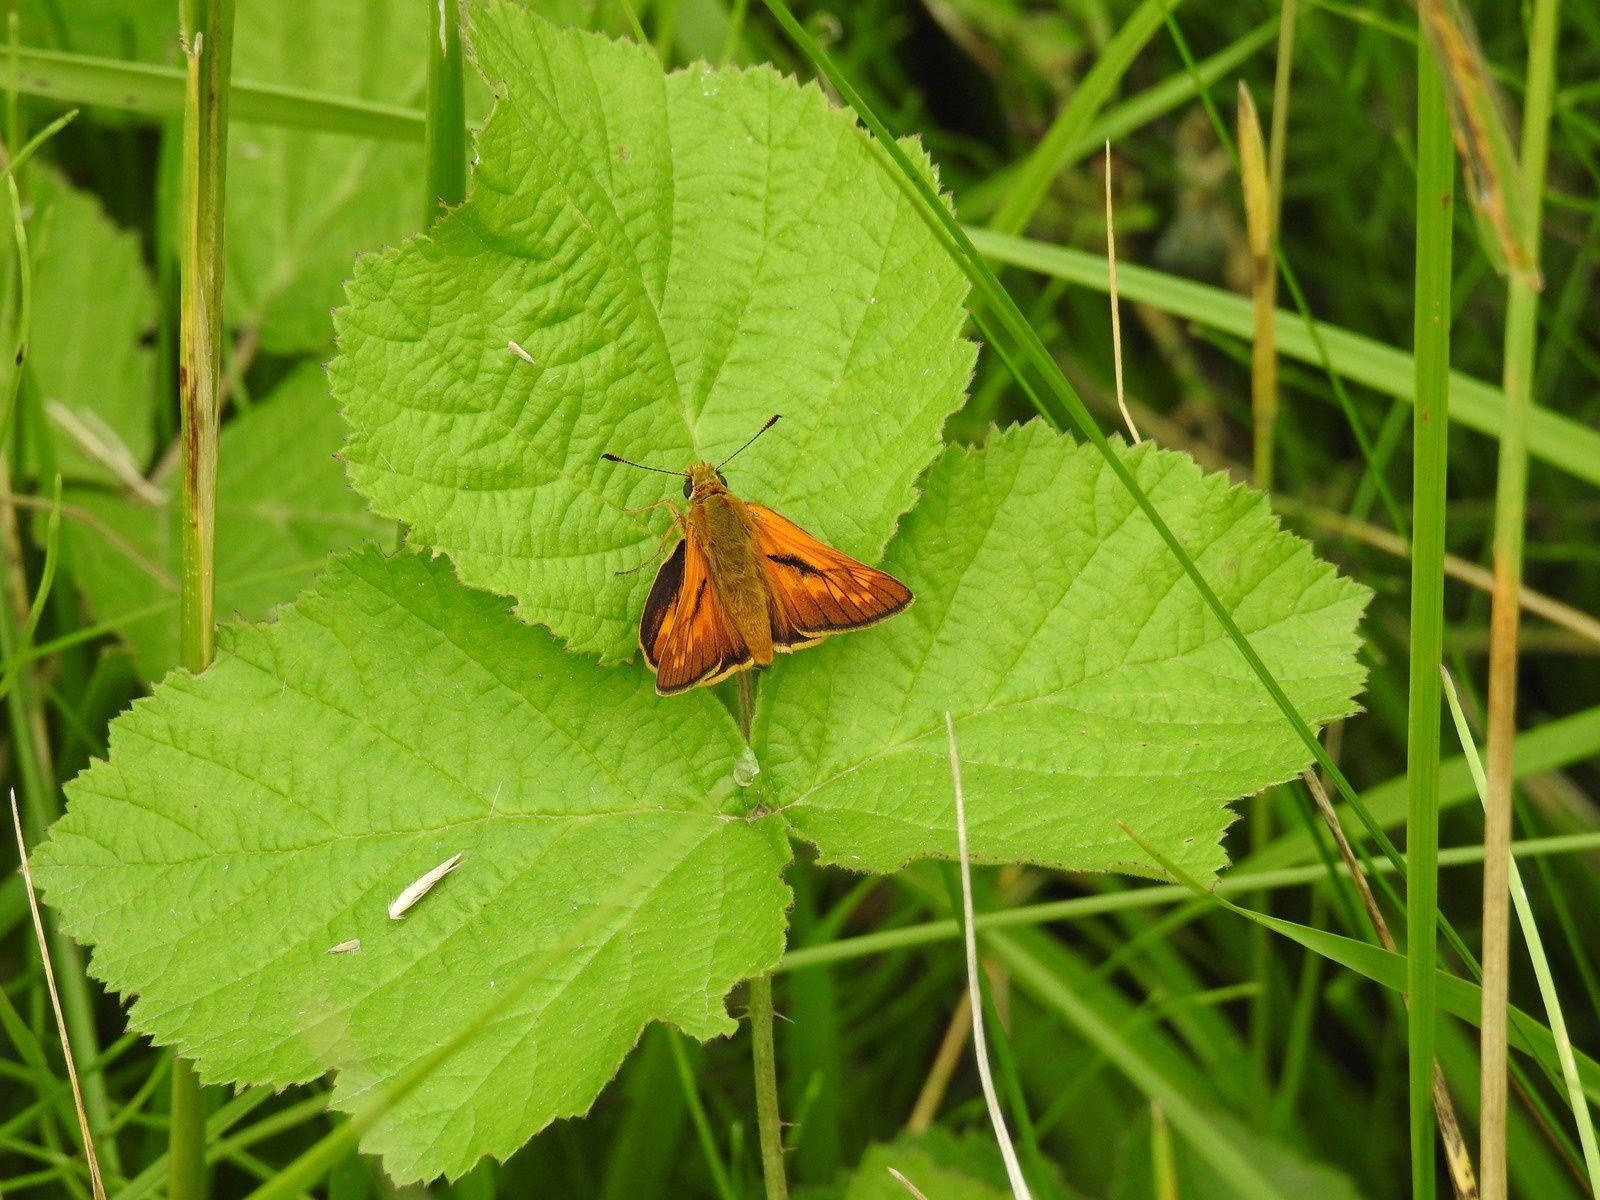 Hespérie du dactyle. Thymelicus lineola.